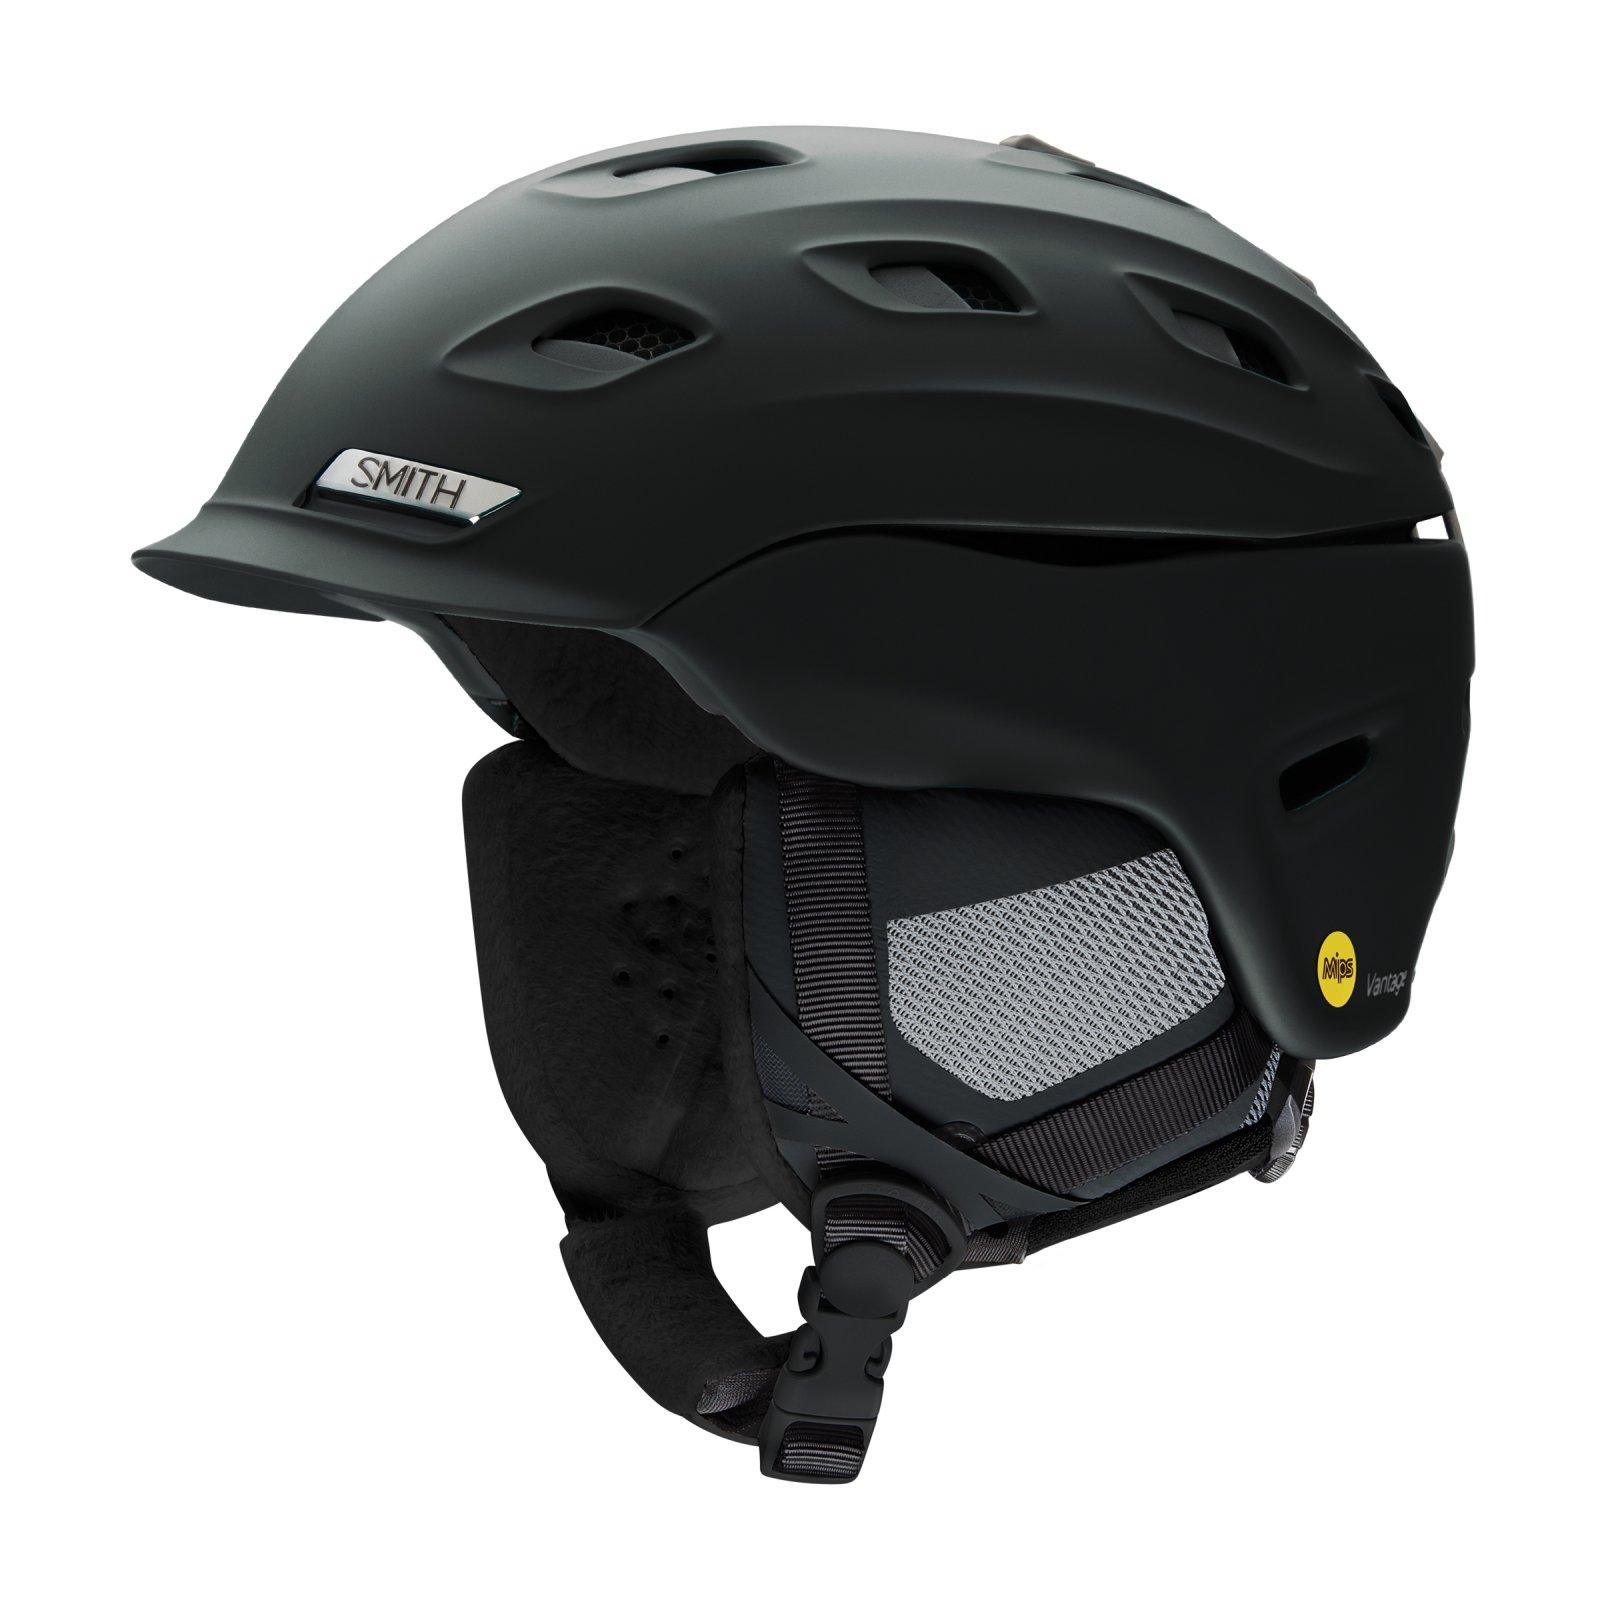 Smith Vantage Women's MIPS Helmet